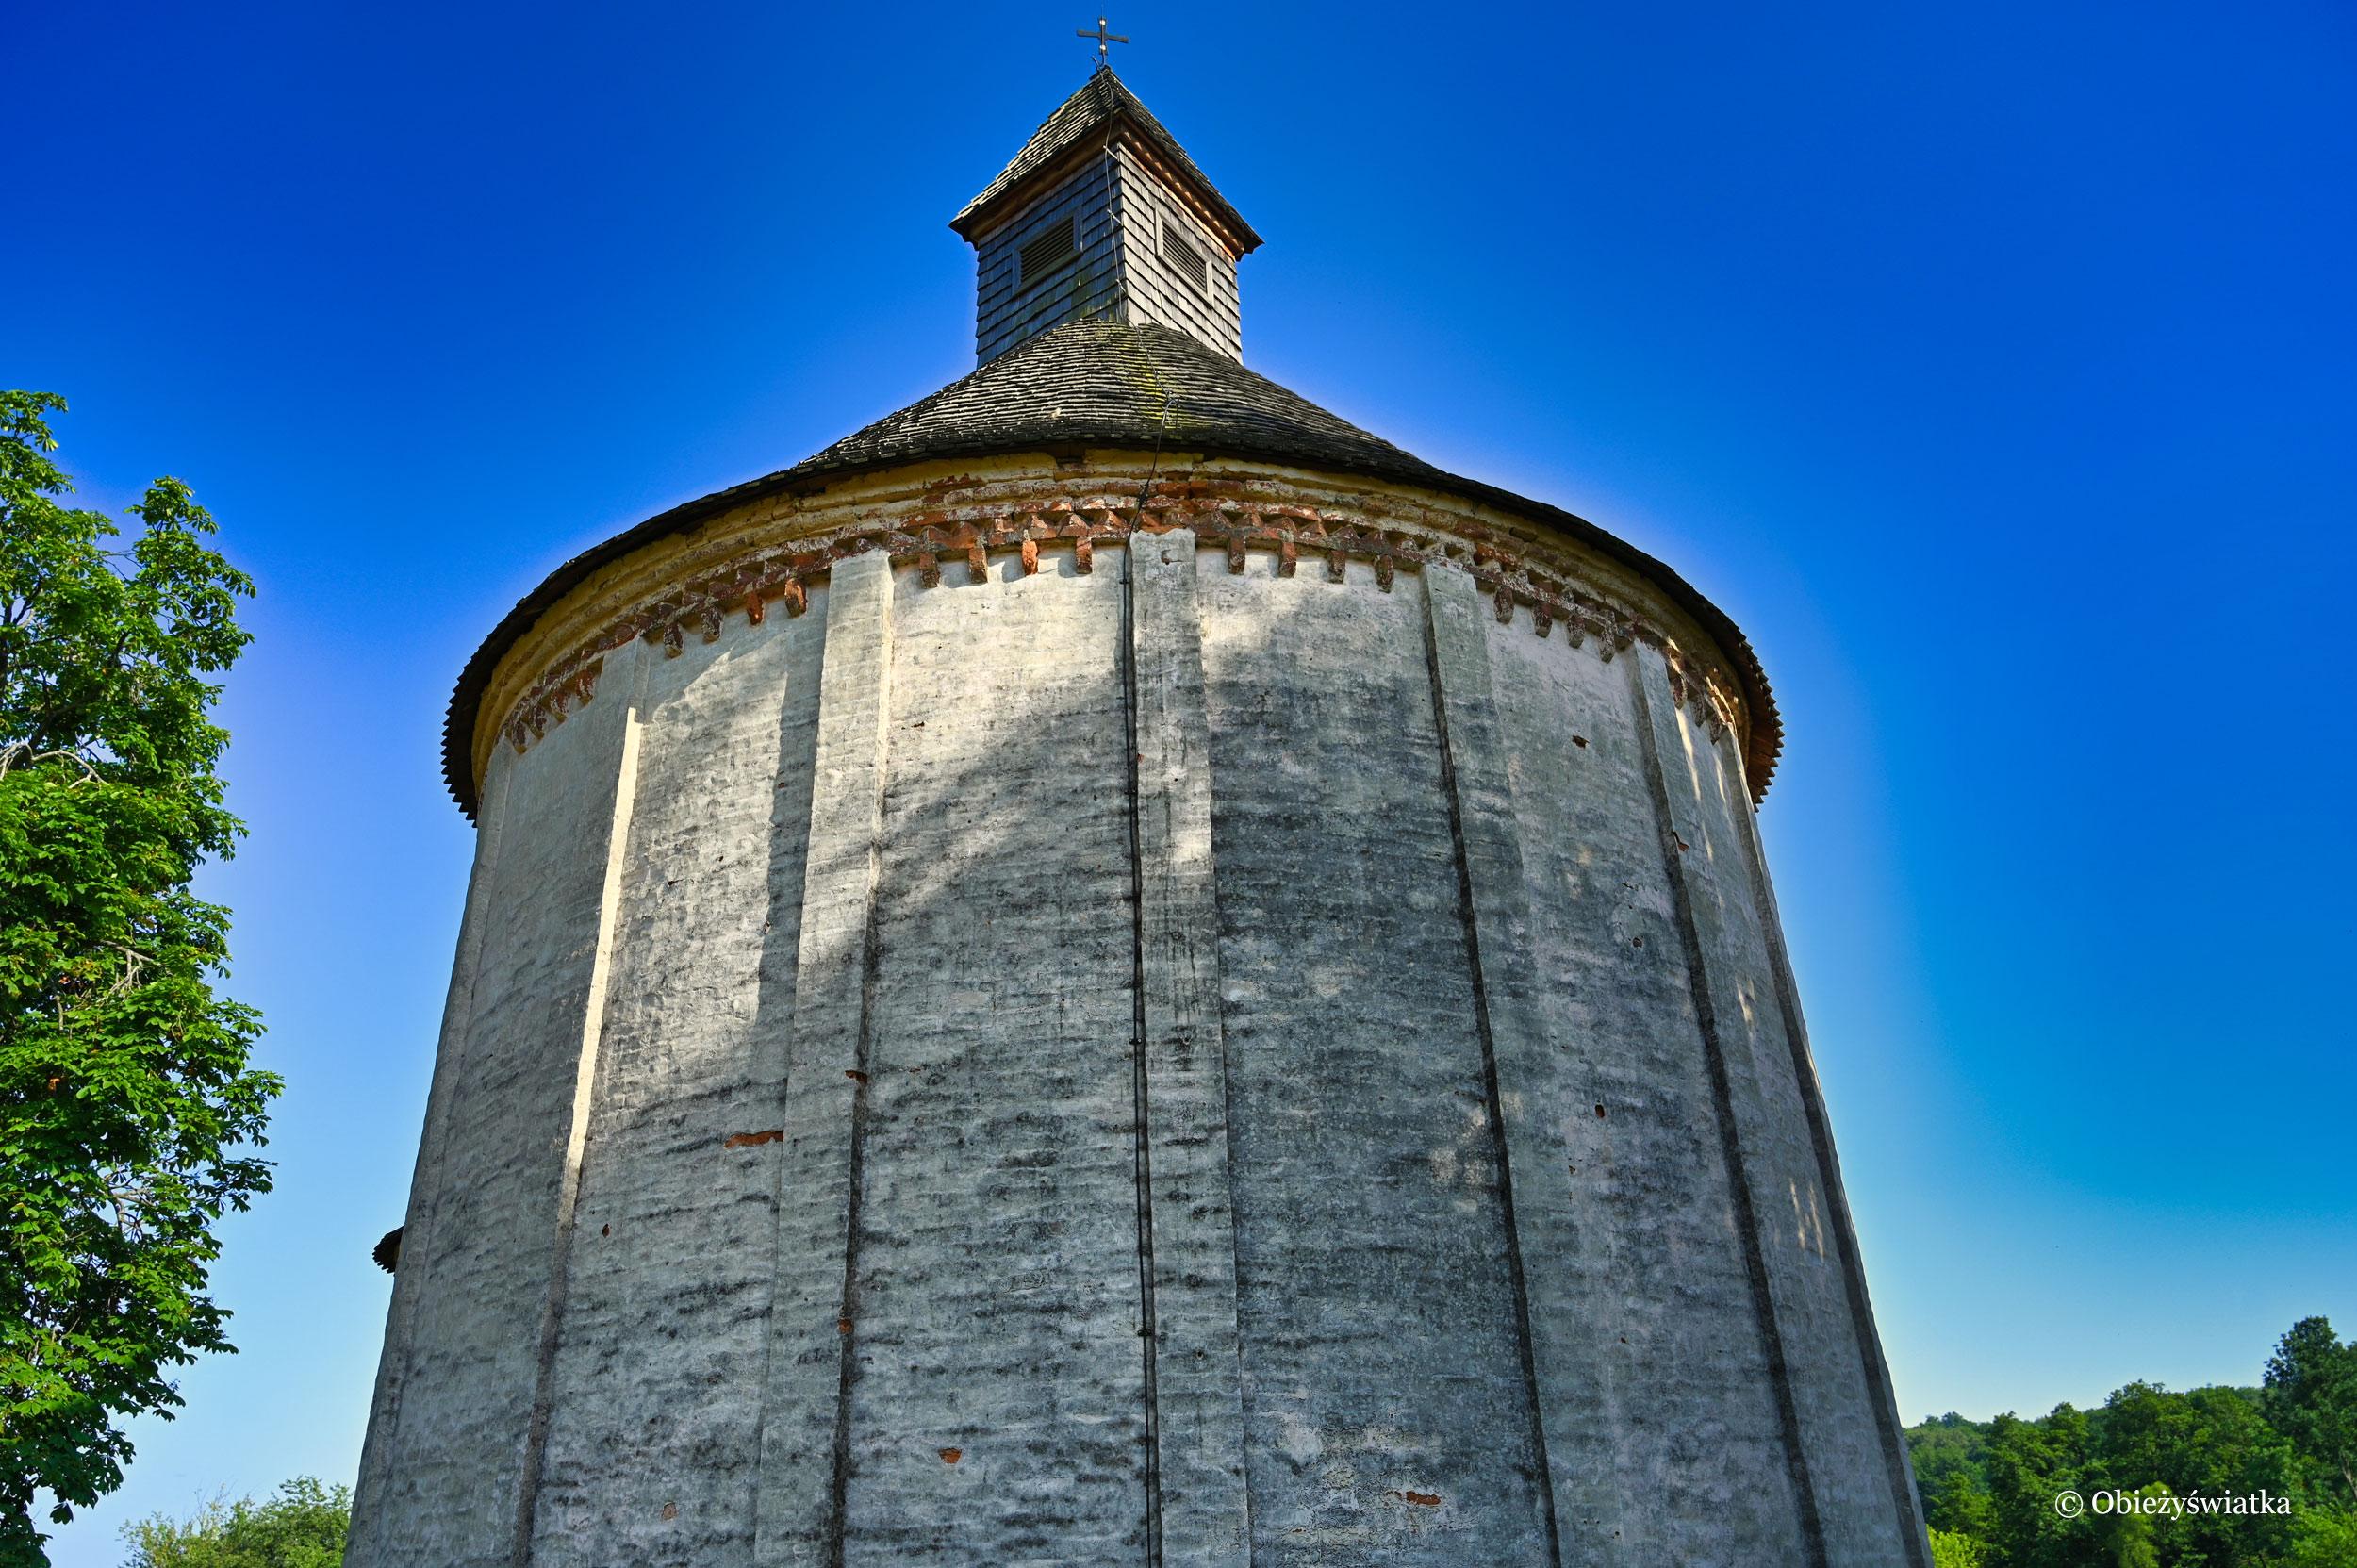 Romańska budowla w Selo, Słowenia